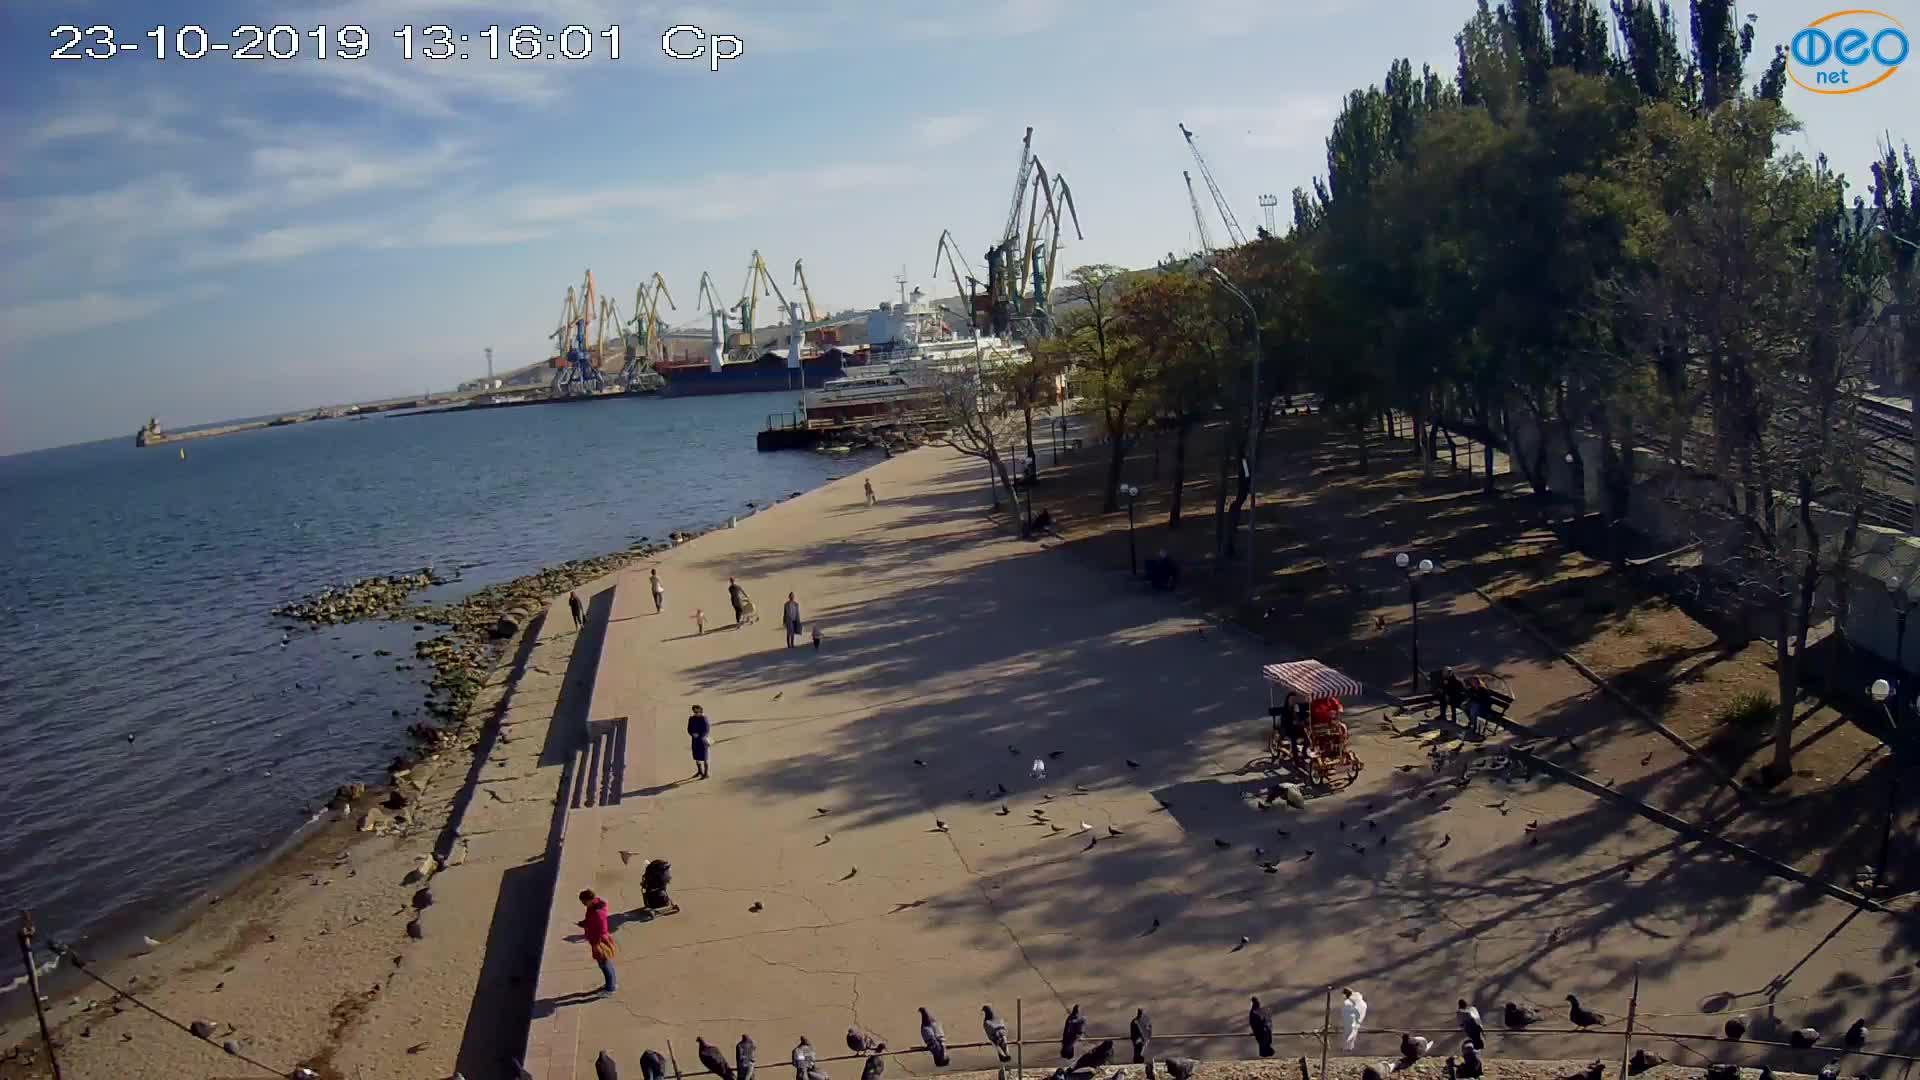 Веб-камеры Феодосии, Набережная Десантников, 2019-10-23 13:16:15